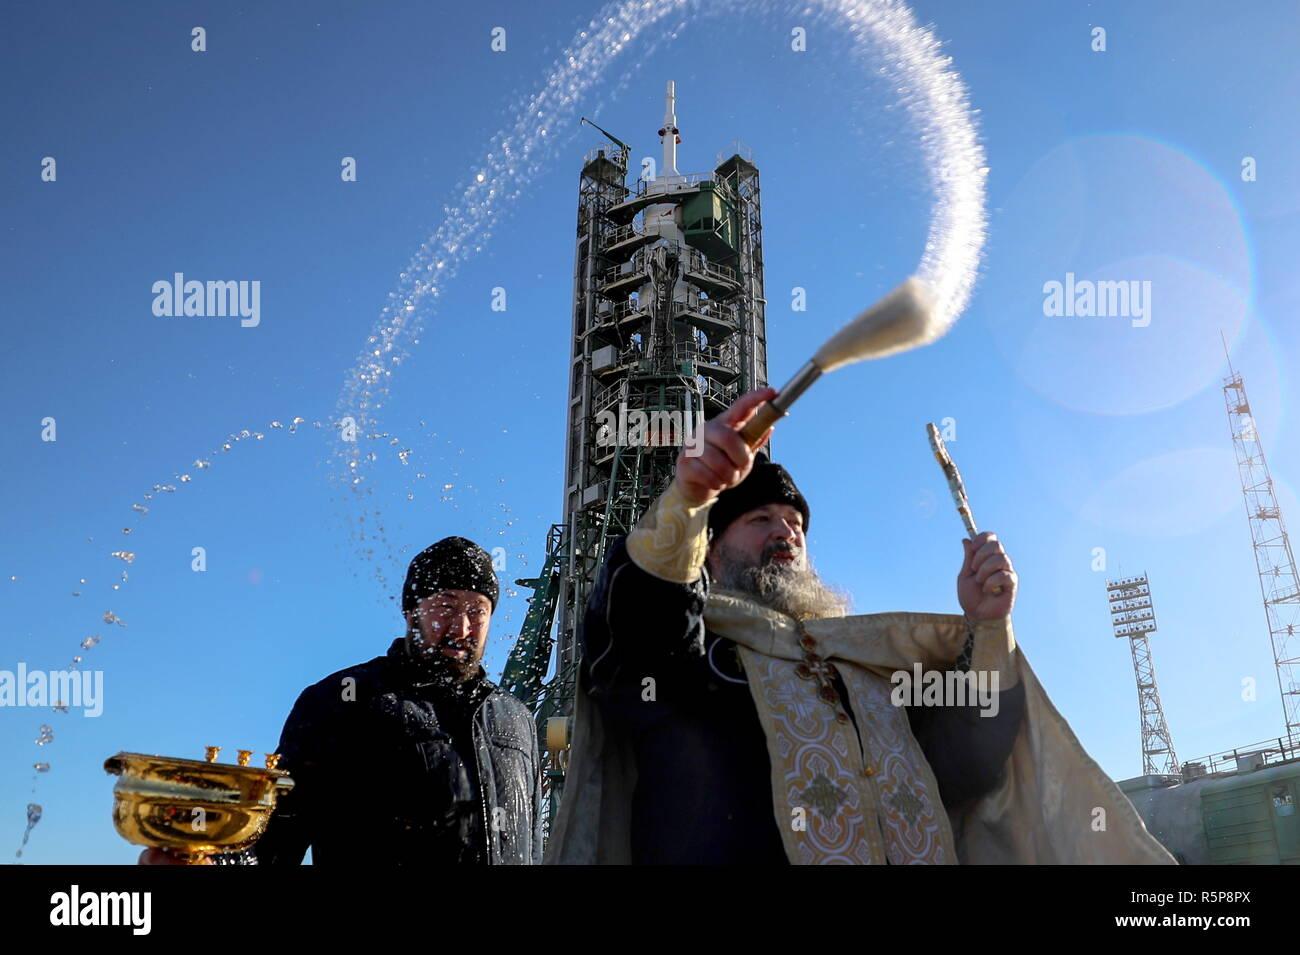 Kazajstán. 02Nd Dec, 2018. Kazajstán - Diciembre 2, 2018: el clero ortodoxo ruso sprinklas agua bendita durante la bendición de un Soyuz-FG cohete propulsor llevando el MS-11 nave Soyuz en el cosmódromo de Baikonur, el lanzamiento de la nave espacial Soyuz MS-11 está programada para el 3 de diciembre de 2018, a las 14:31 hora de Moscú. Sergei Savostyanov/TASS Crédito: Agencia de Noticias ITAR-TASS/Alamy Live News Imagen De Stock